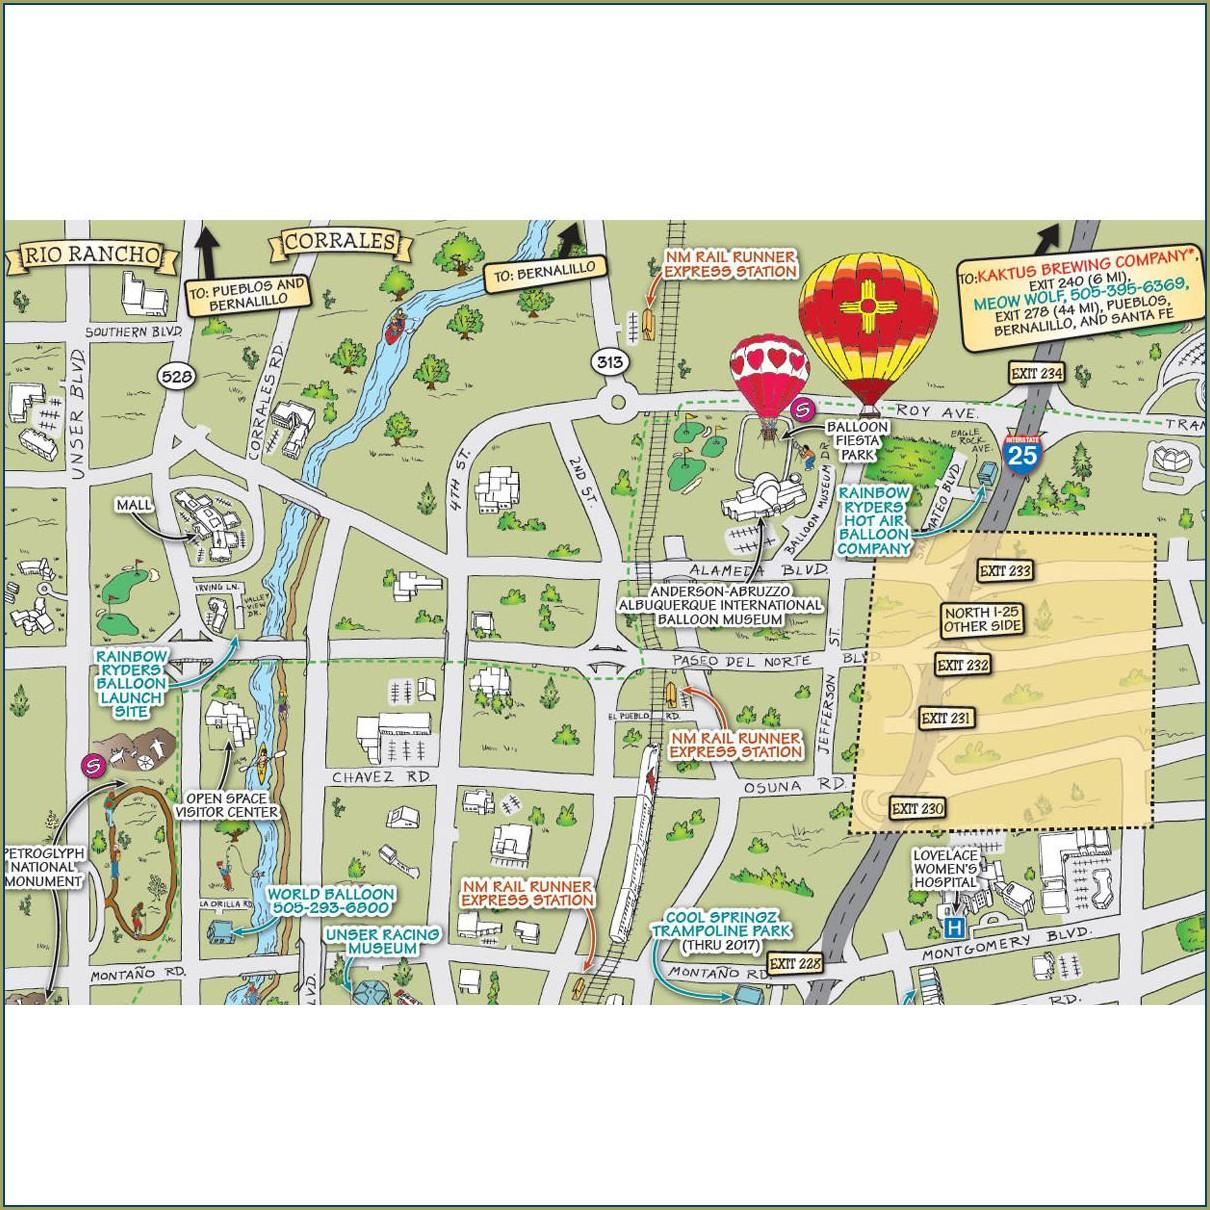 Map Of Albuquerque Hotels